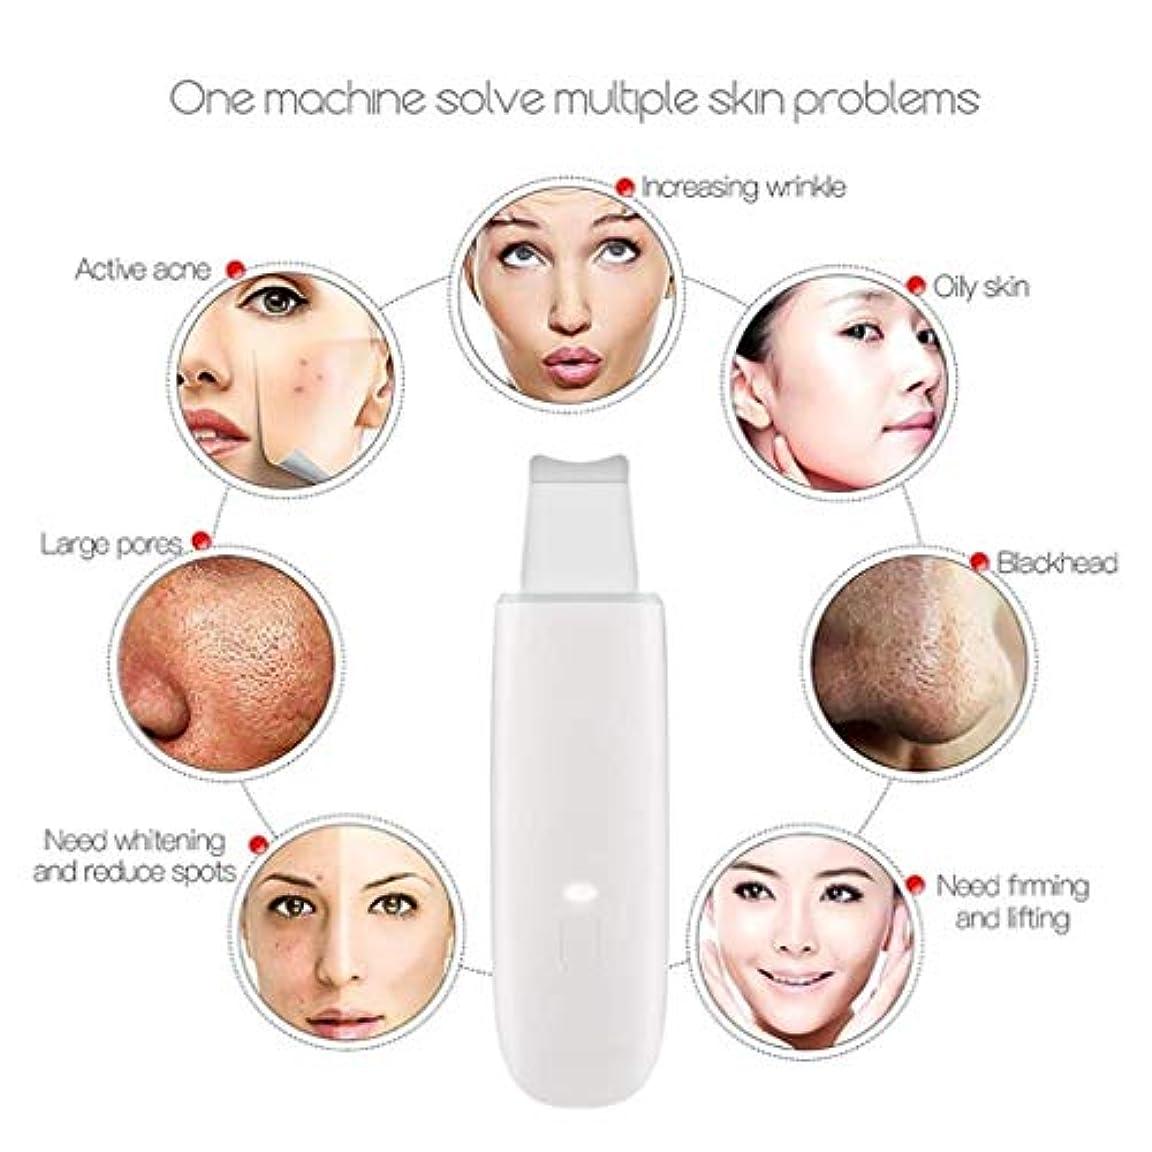 間違いモール伸ばす顔の美のマッサージャー、顔のマッサージャー、微結晶の顔の修理の深いクリーニングの美装置、超音波顔持ち上がるマッサージャー